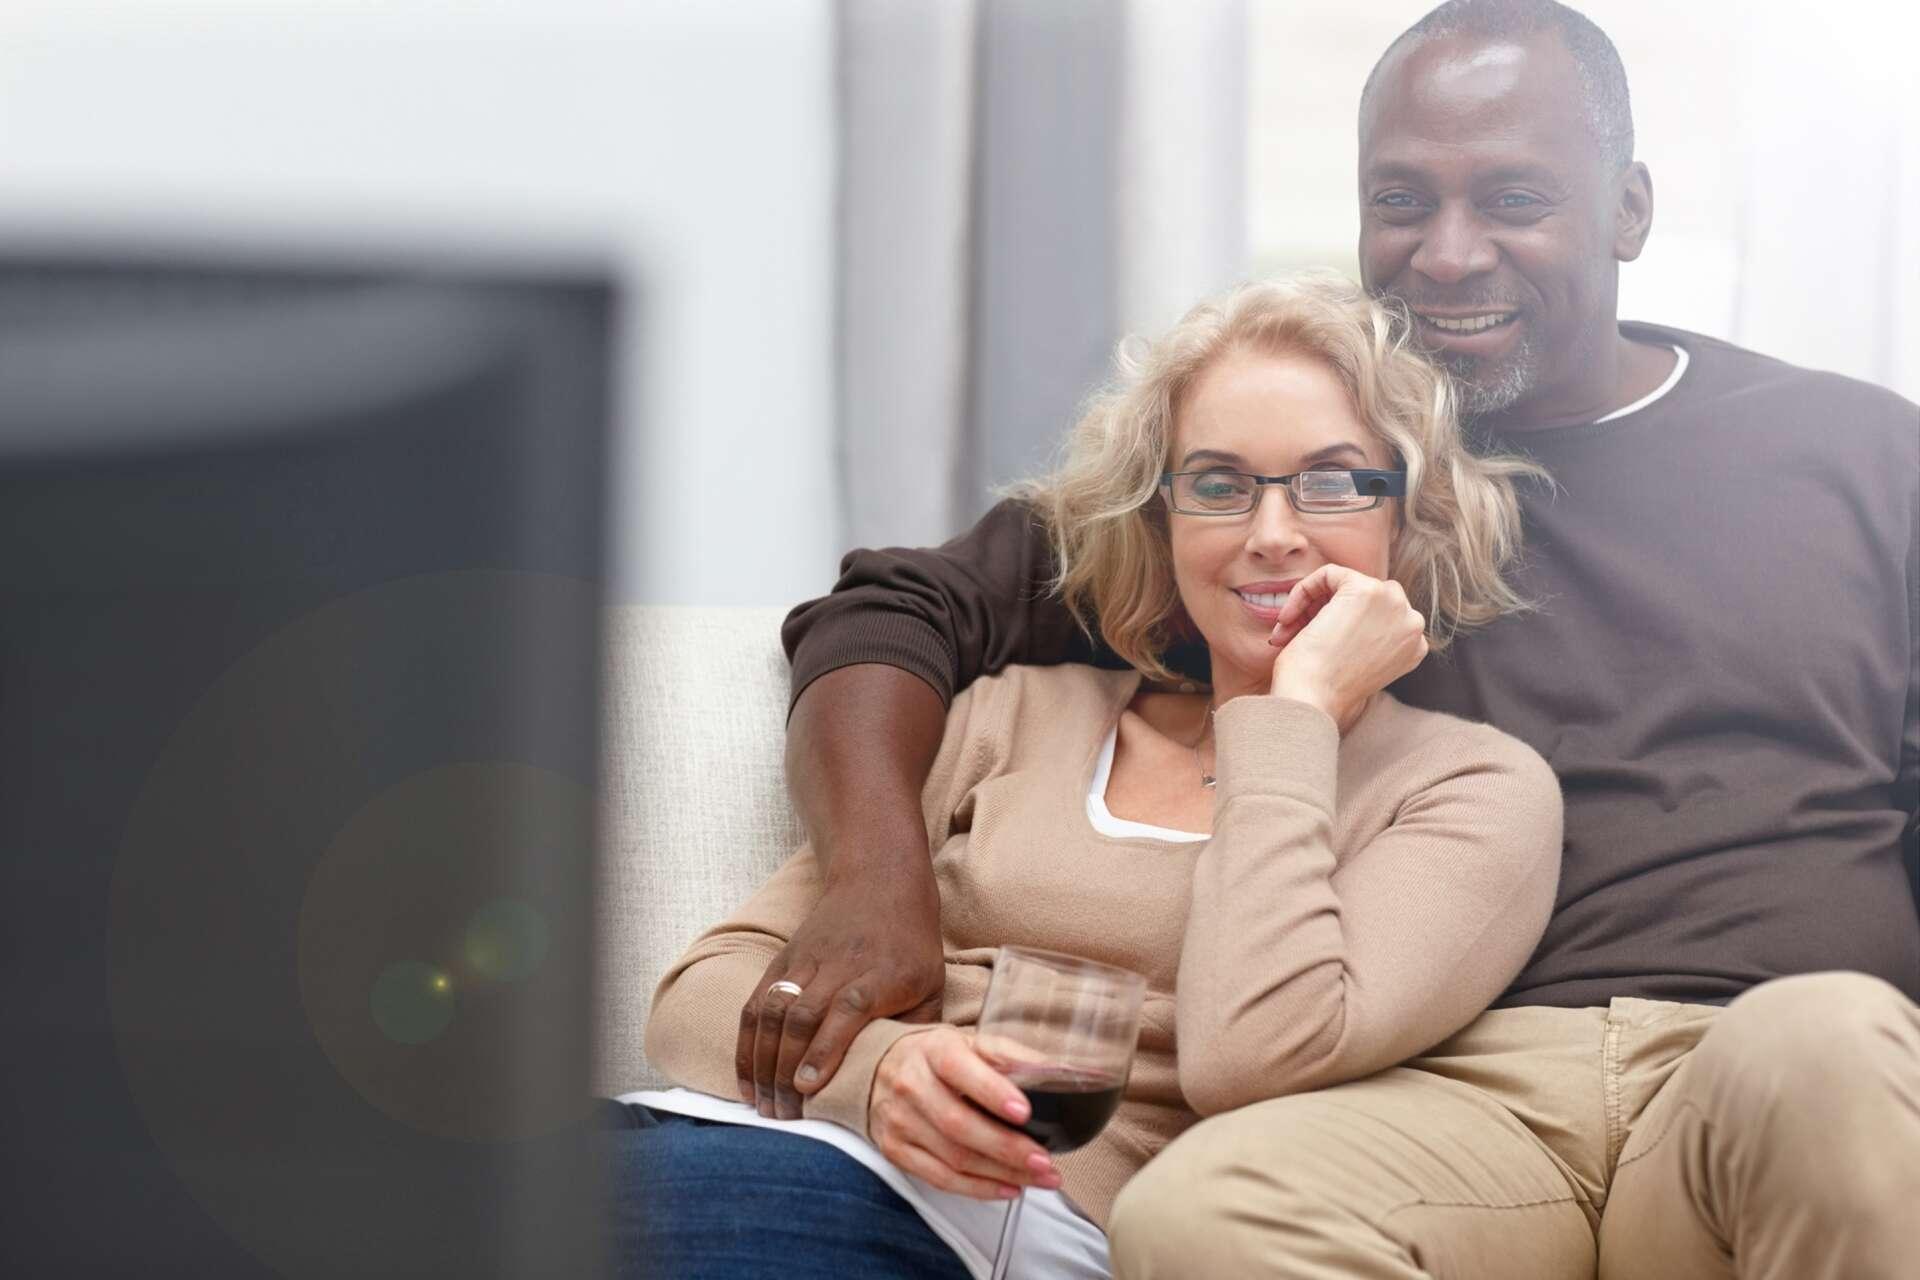 Cette méta-analyse confirme que le cerveau des hommes et des femmes réagit de la même manière devant des images pornographiques. © Dean Mitchell, IStock.com